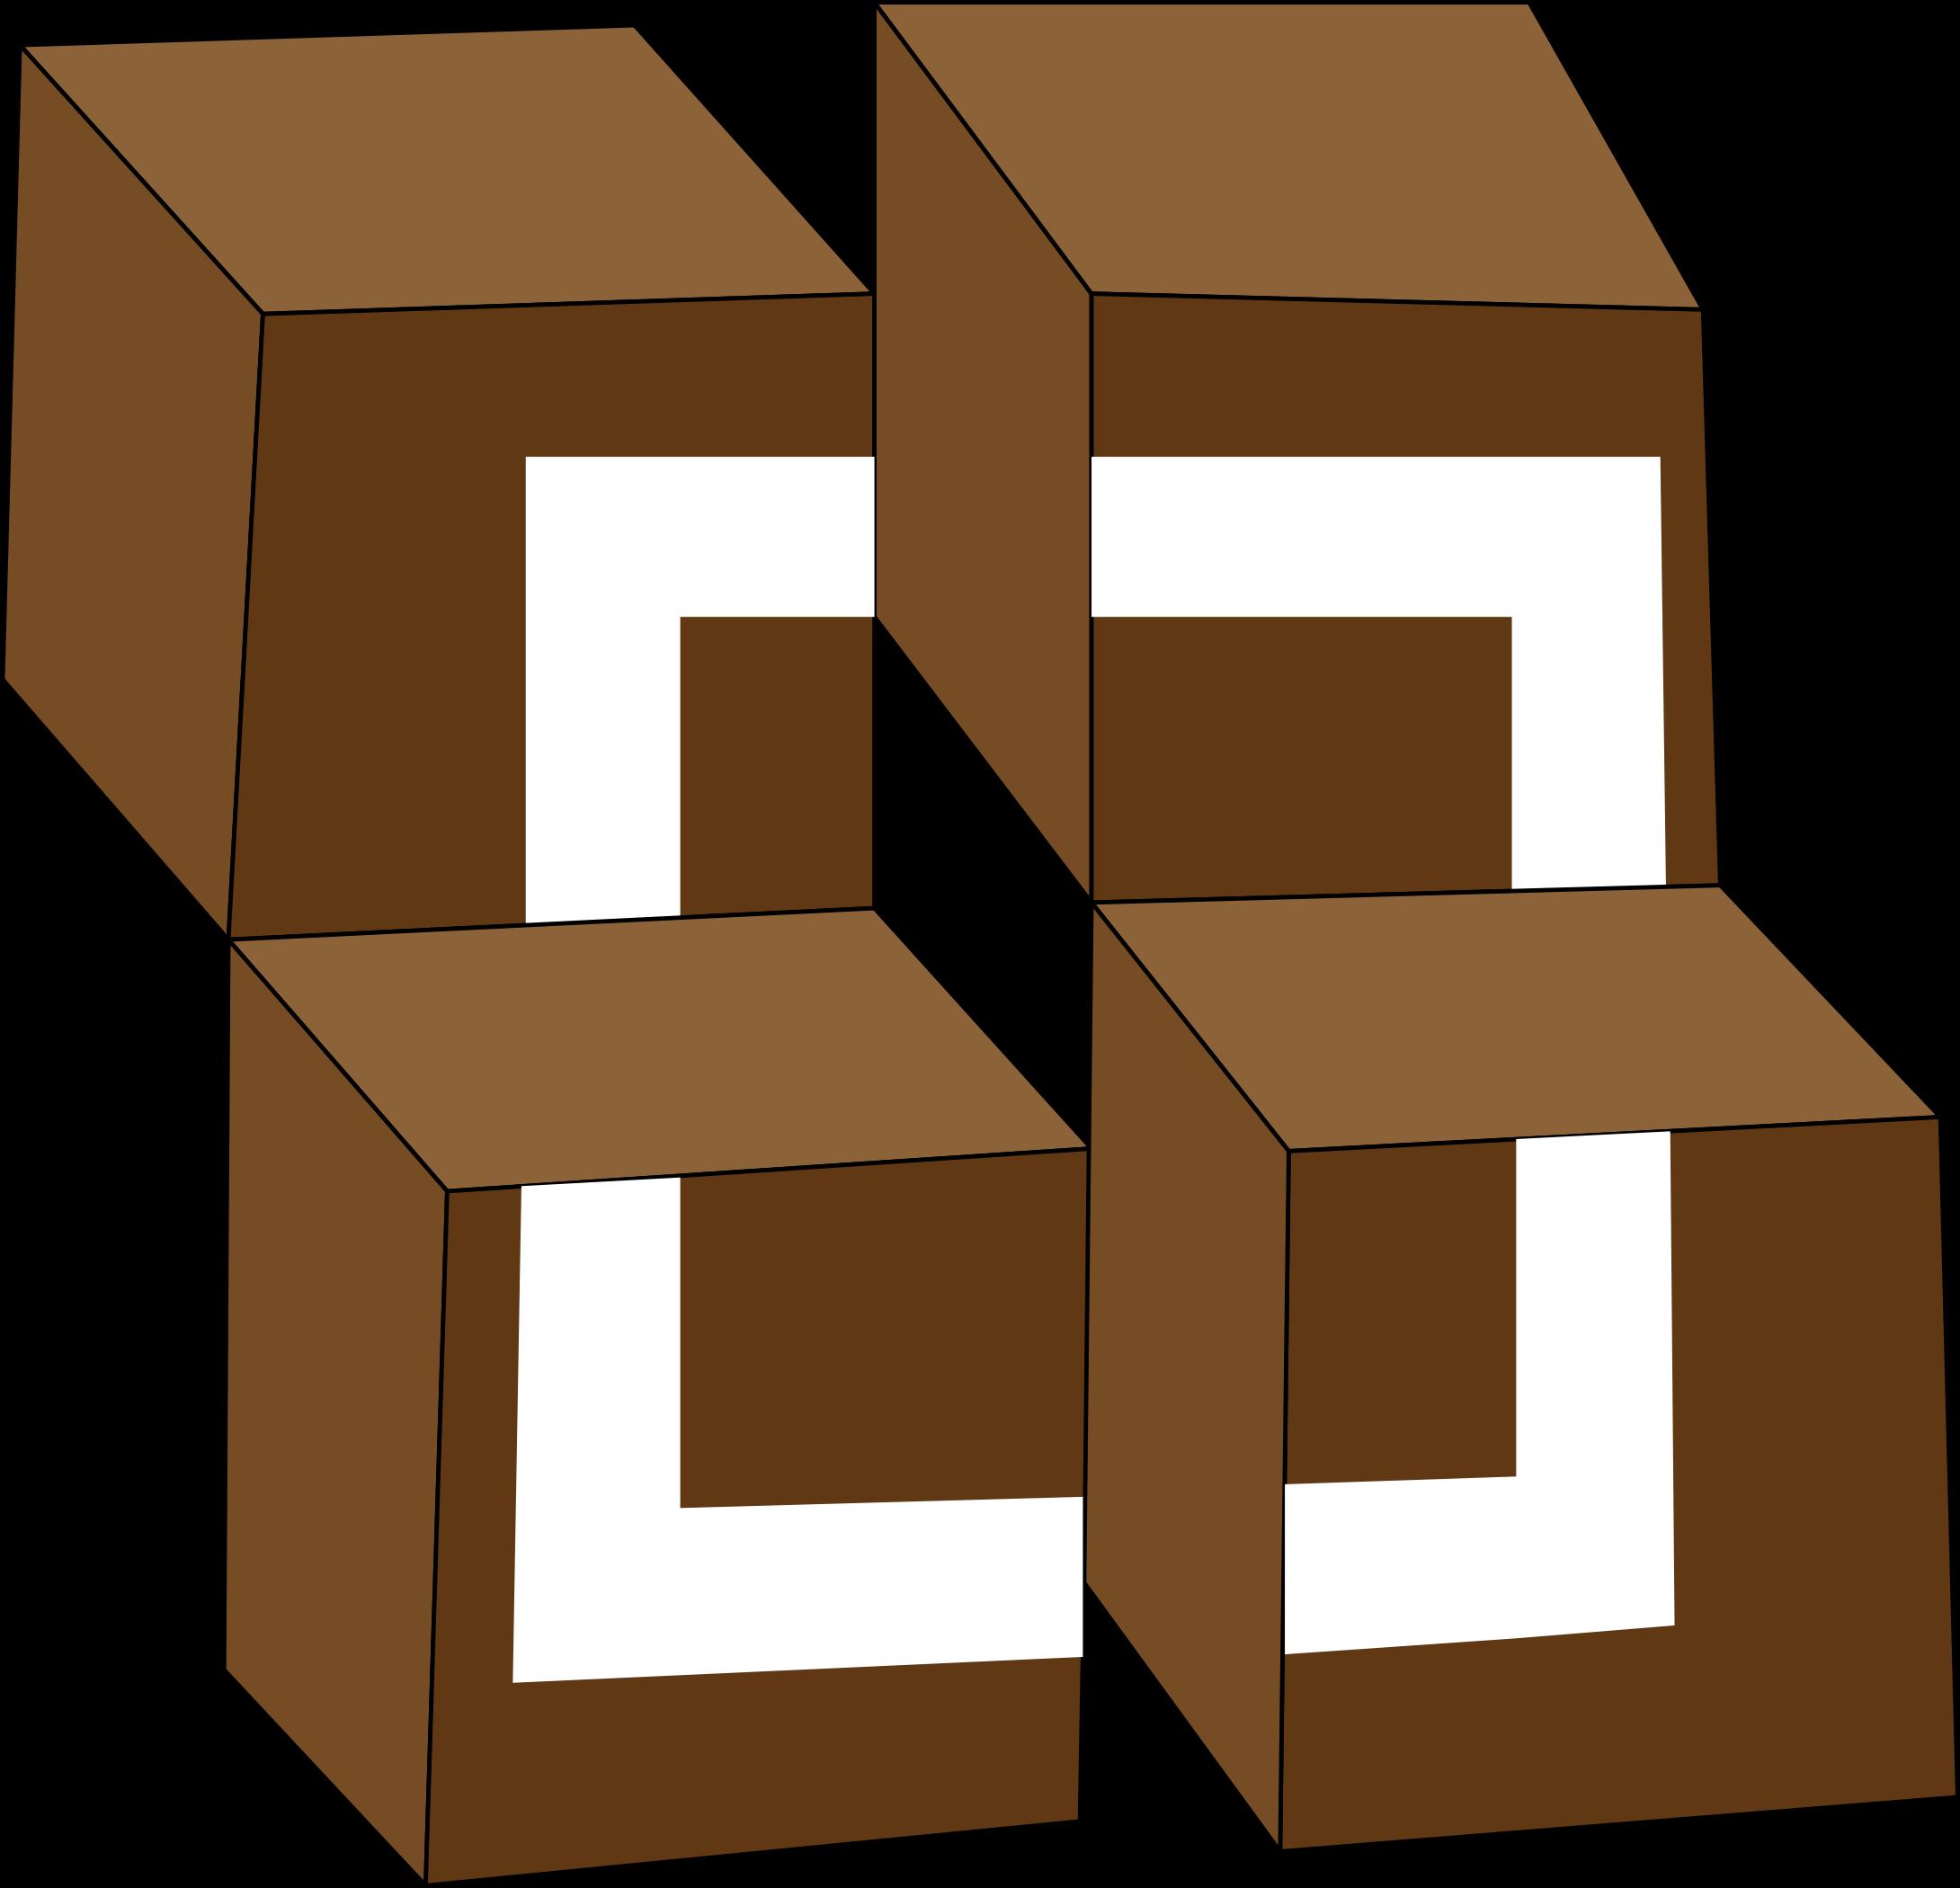 Illusion clipart square Unsquare unsquare An optical square